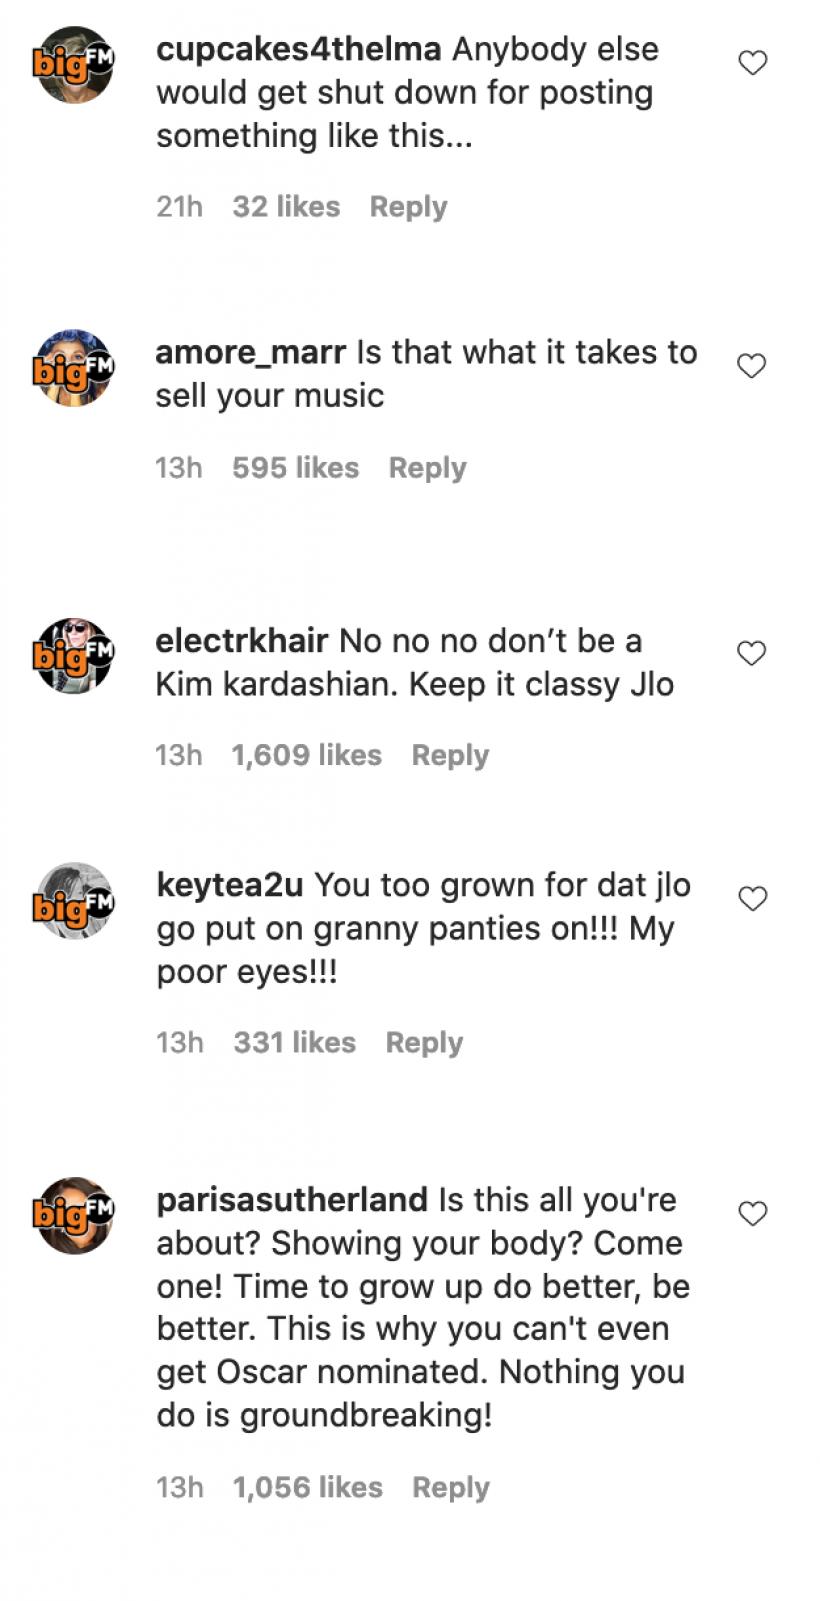 Jennifer-Lopez-Kommentarfeld-Instagram-26.11.2020.png